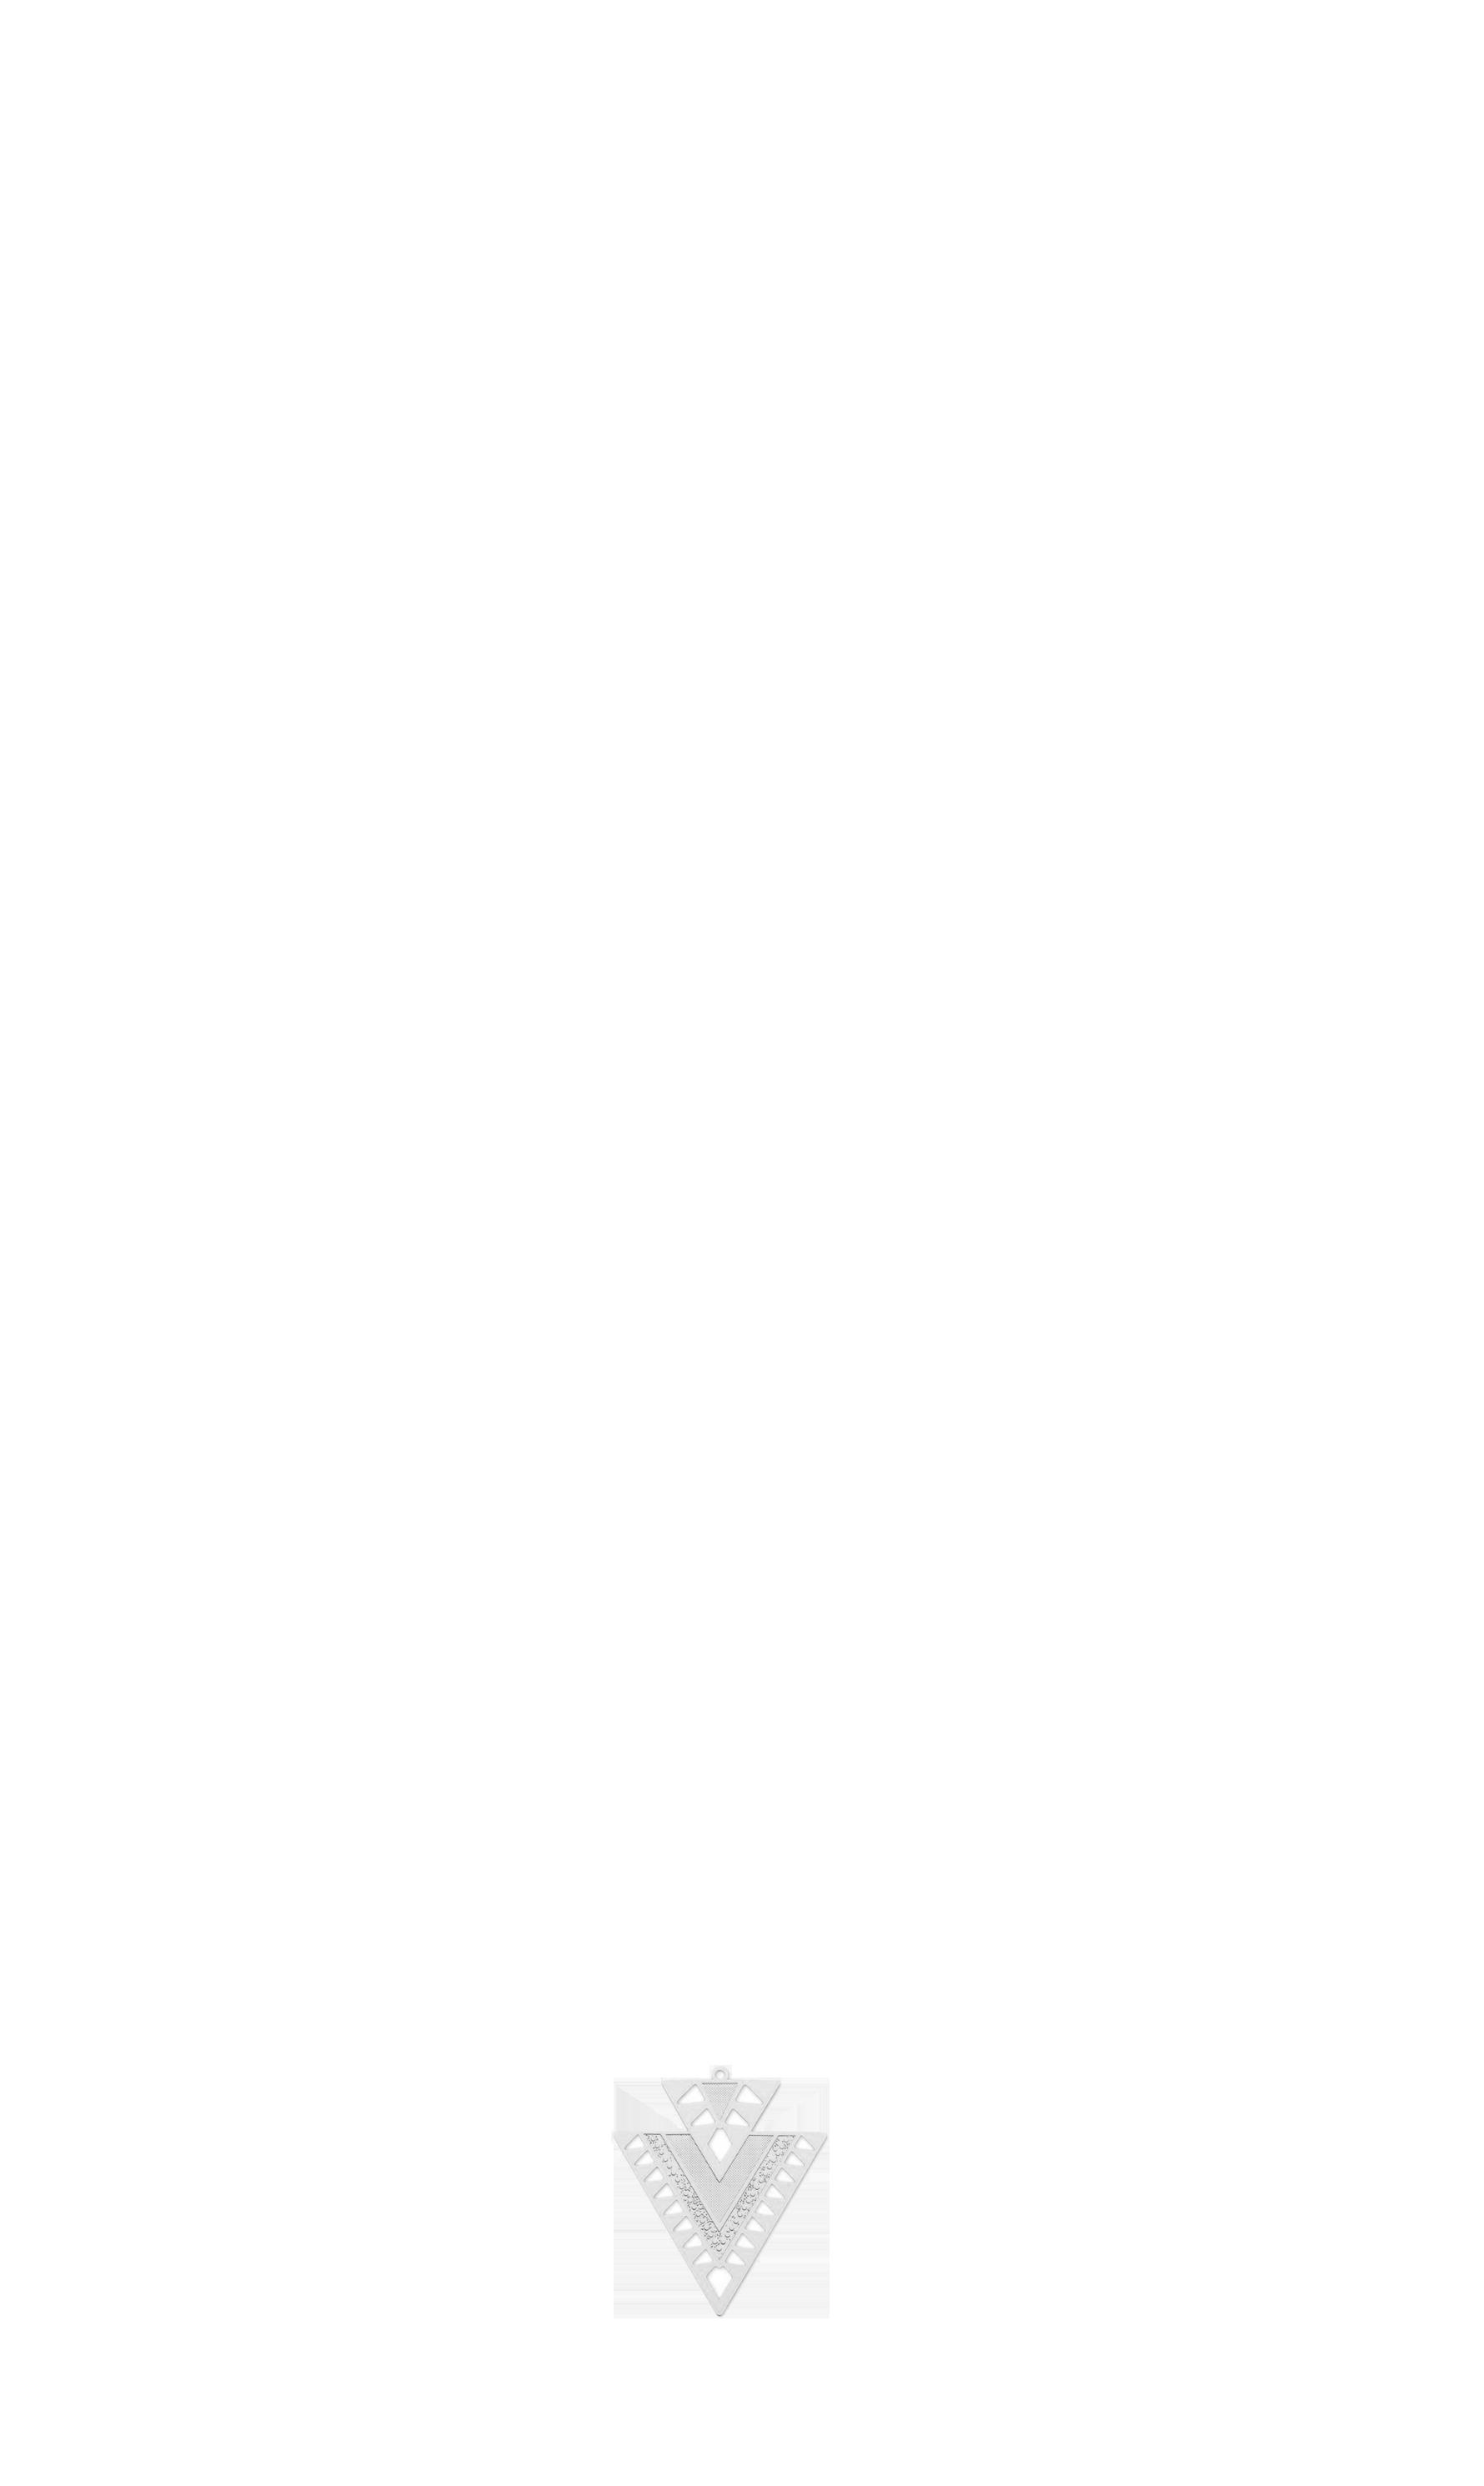 triangle bas